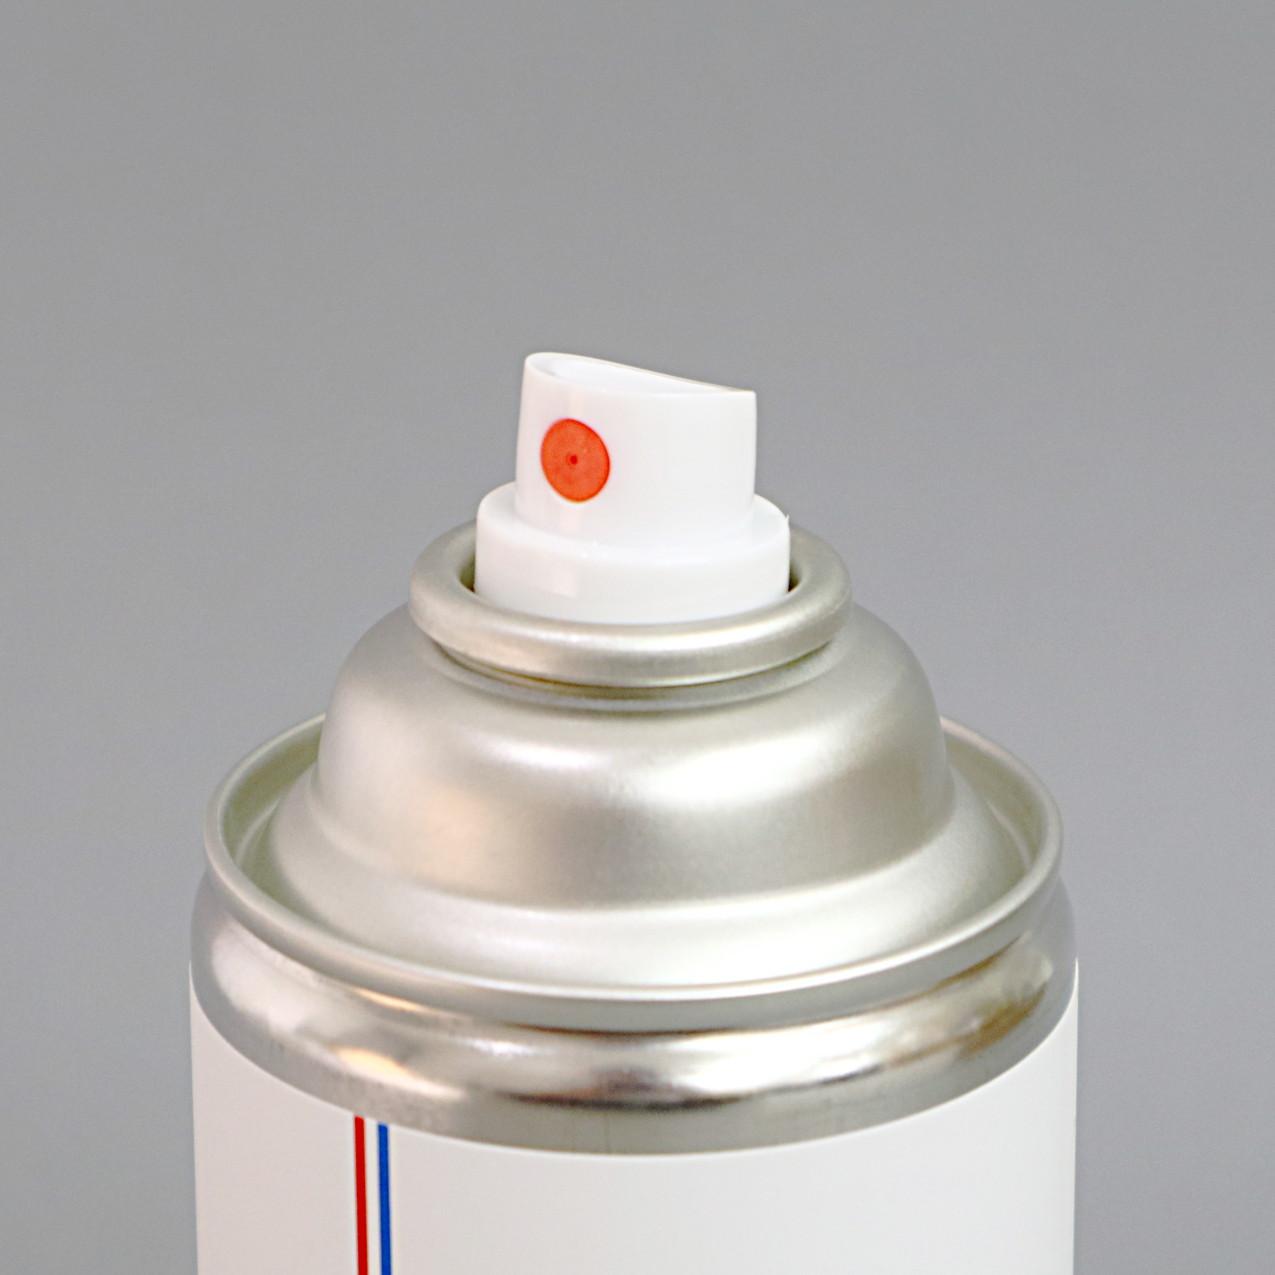 スニーカー用撥水スプレー(防水スプレー)/SNEAKER WATER REPLLENT �01(MARQUEE PLAYER)